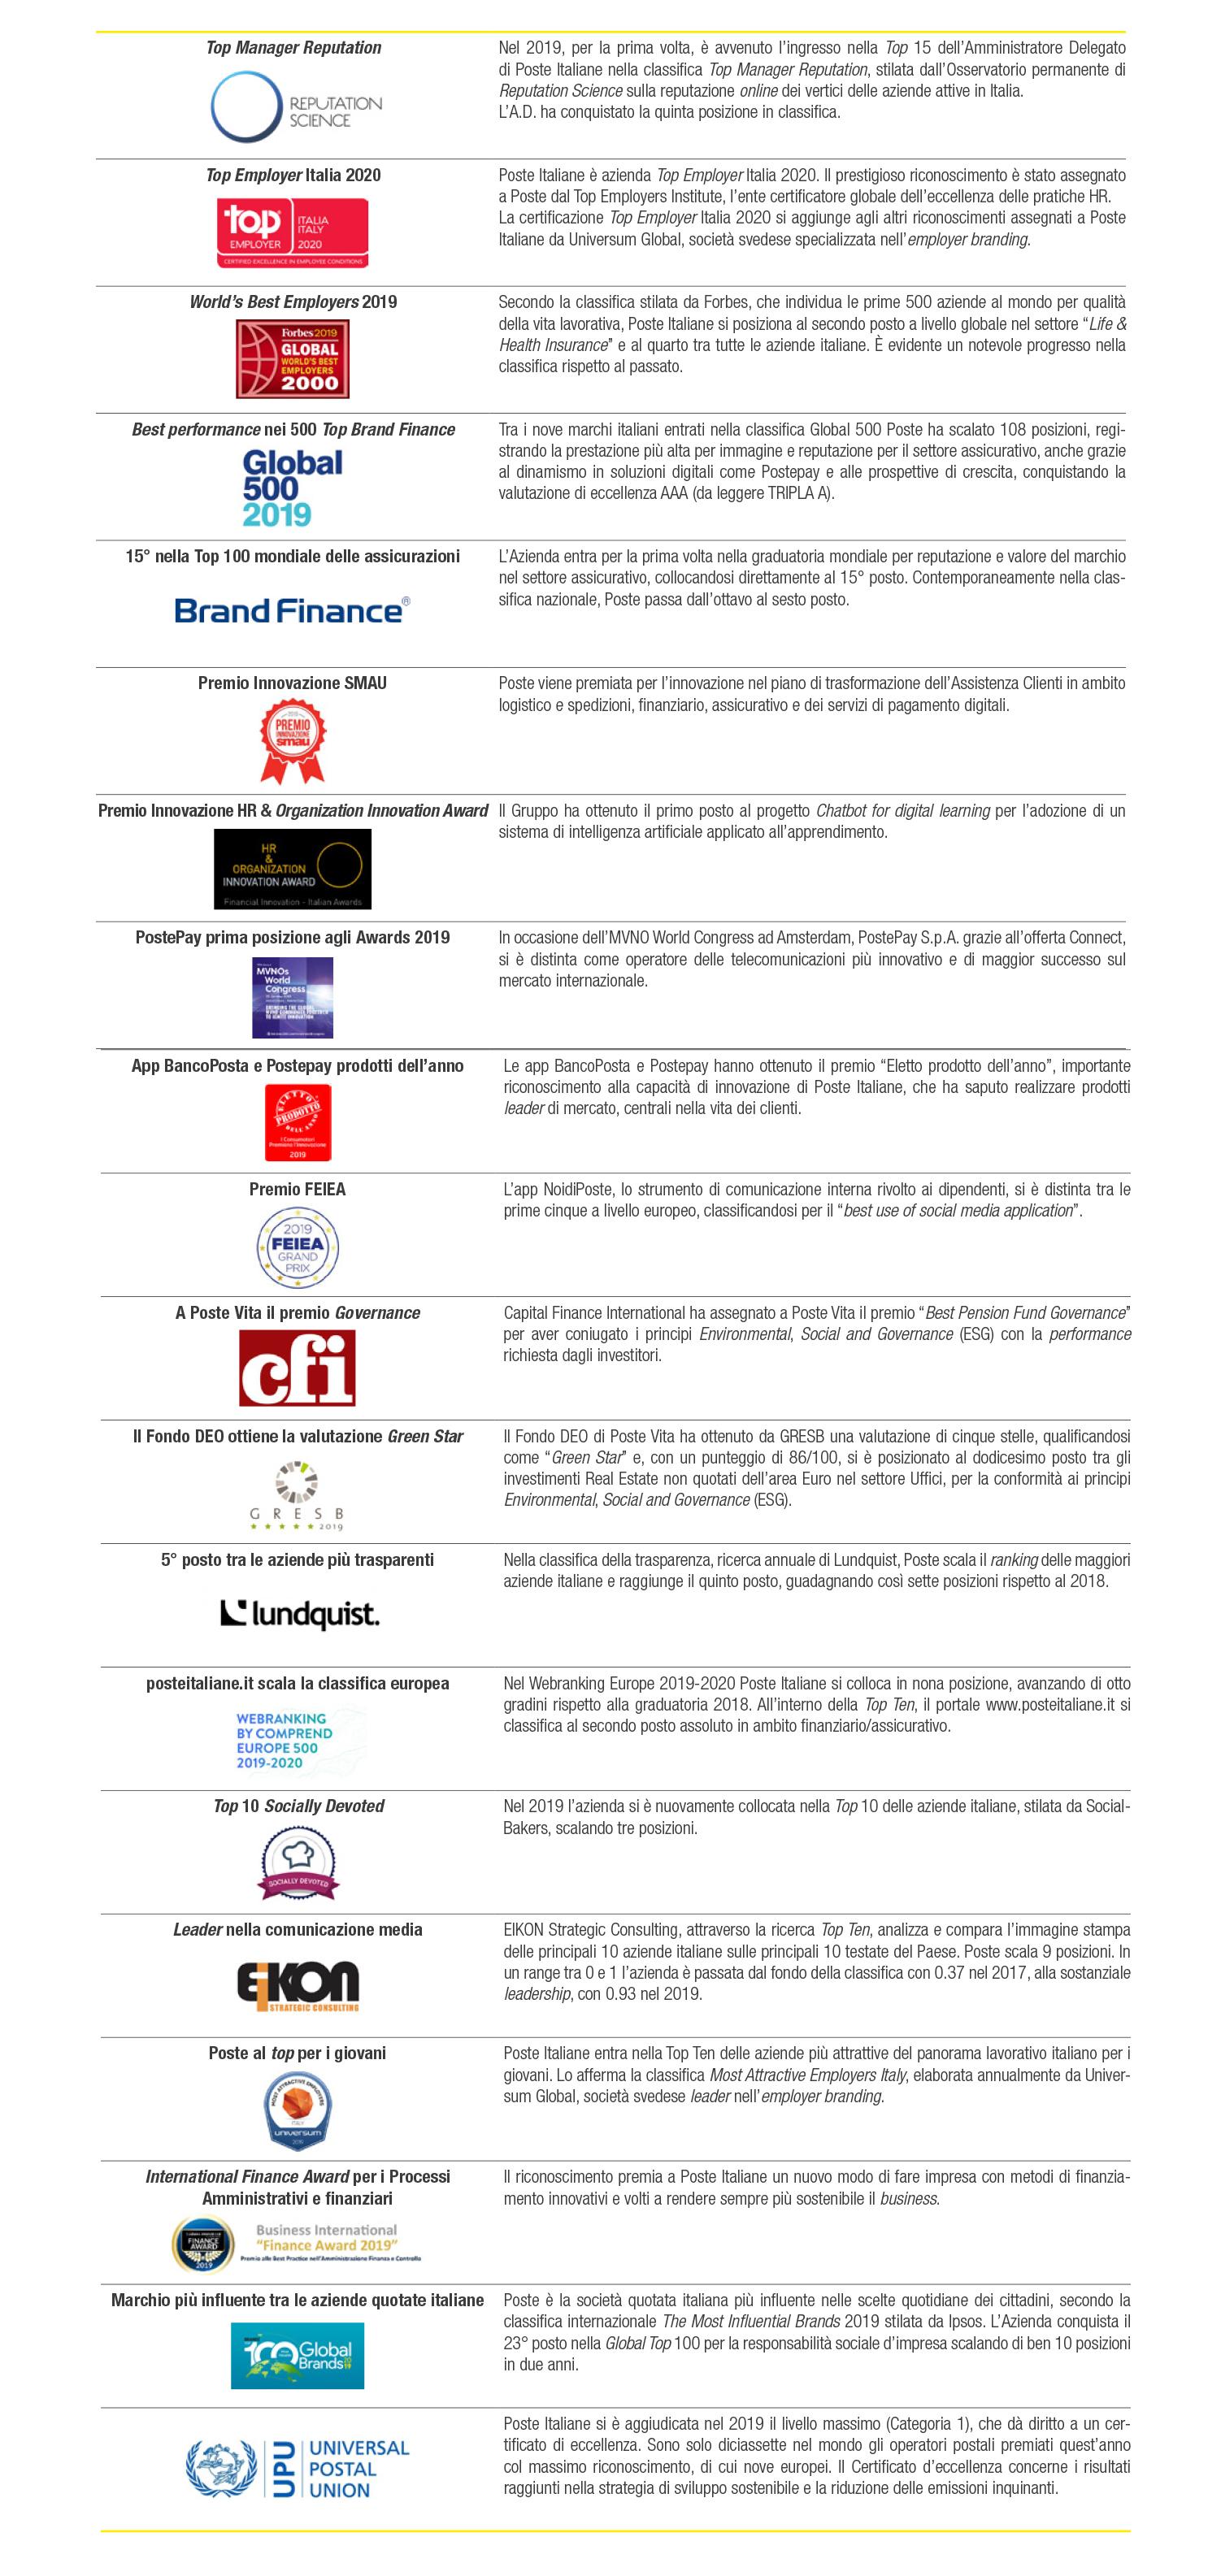 Premi e riconoscimenti ESG